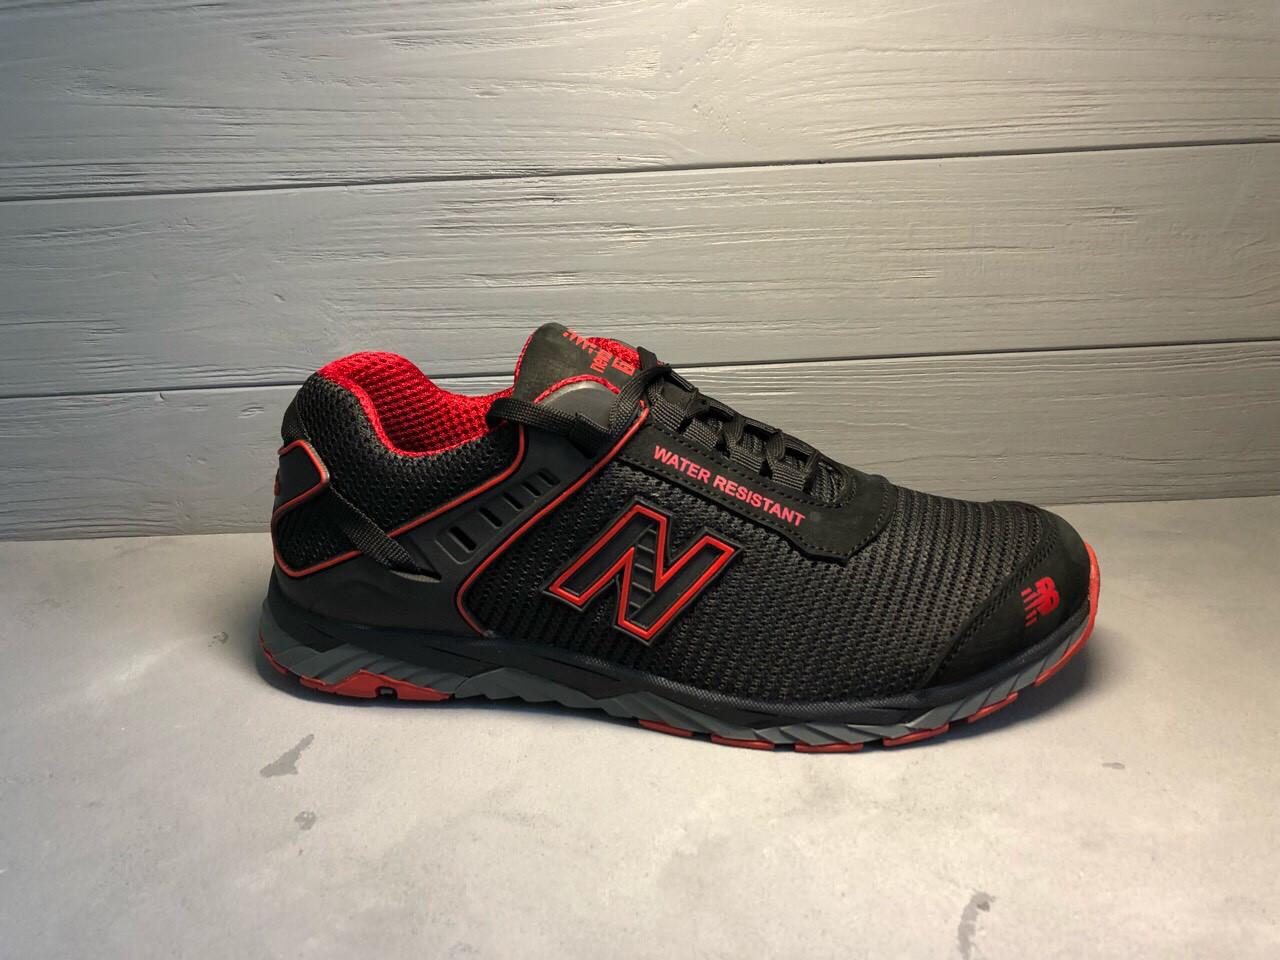 df65937bf599 Мужские модные кроссовки New Balance 574, (кожа +сетка)  продажа ...